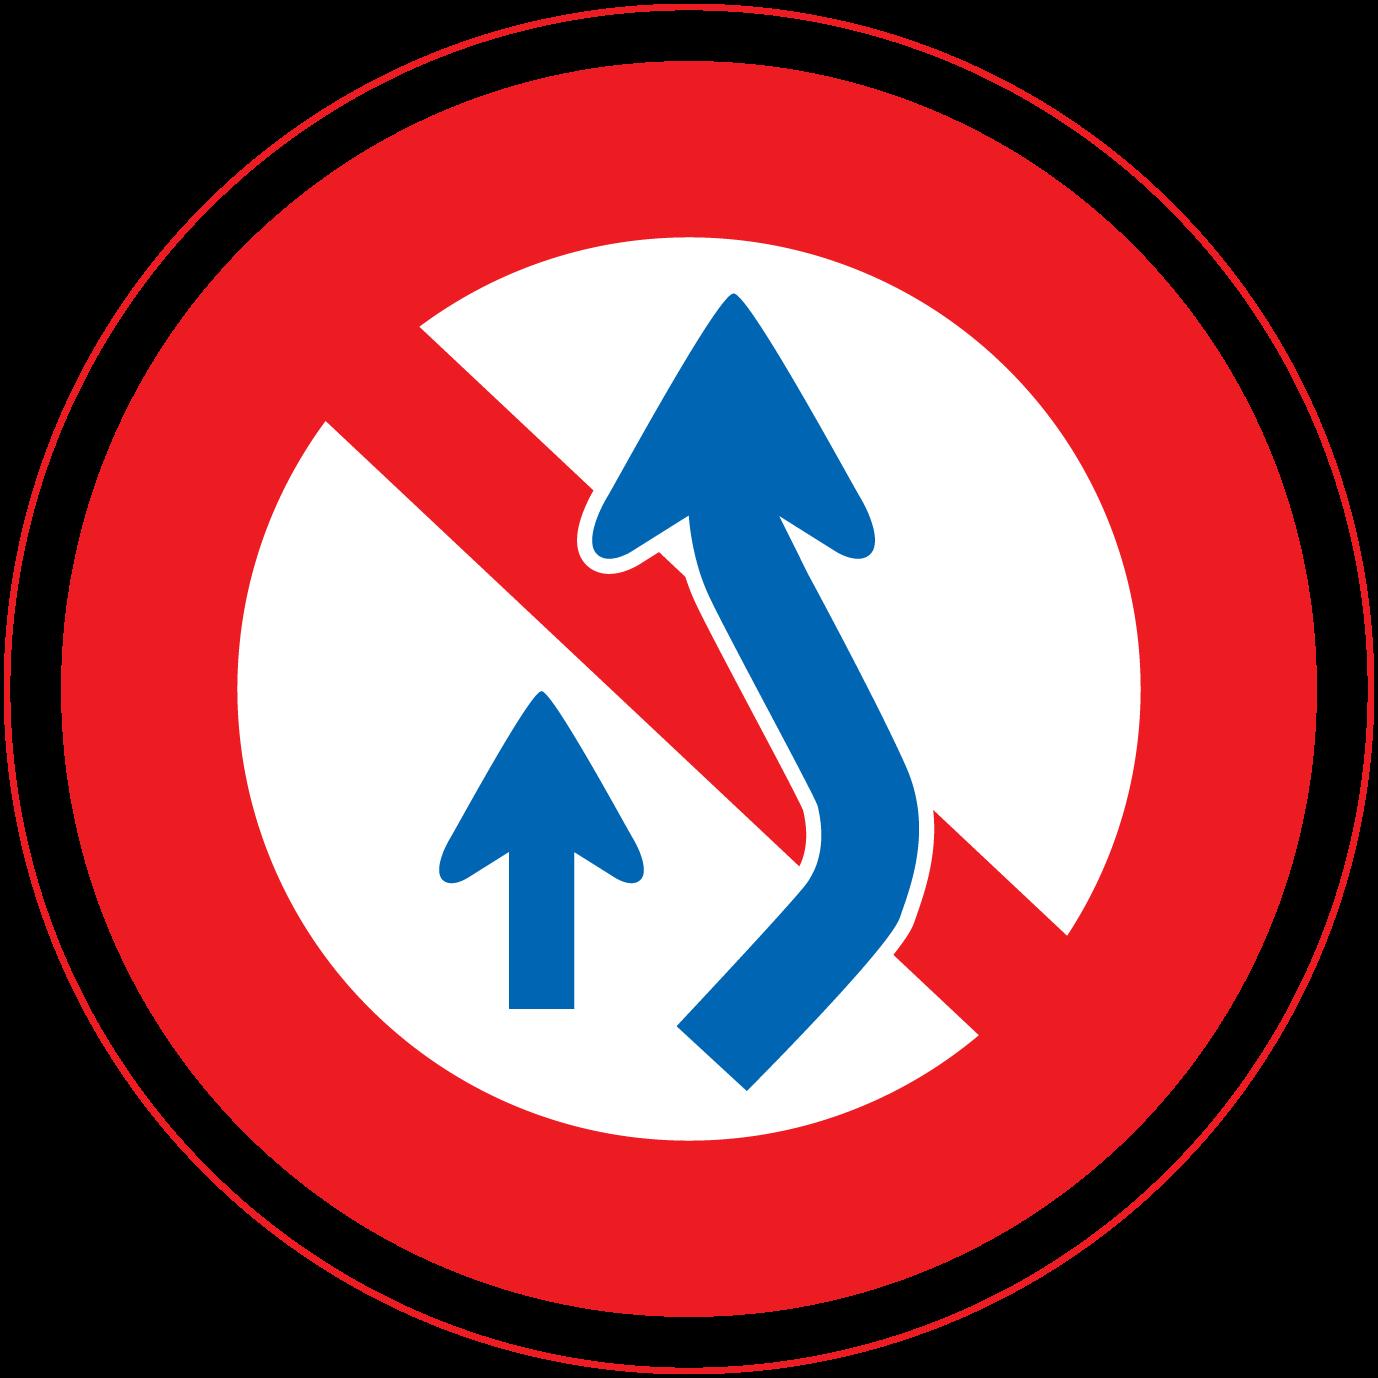 追越し標識